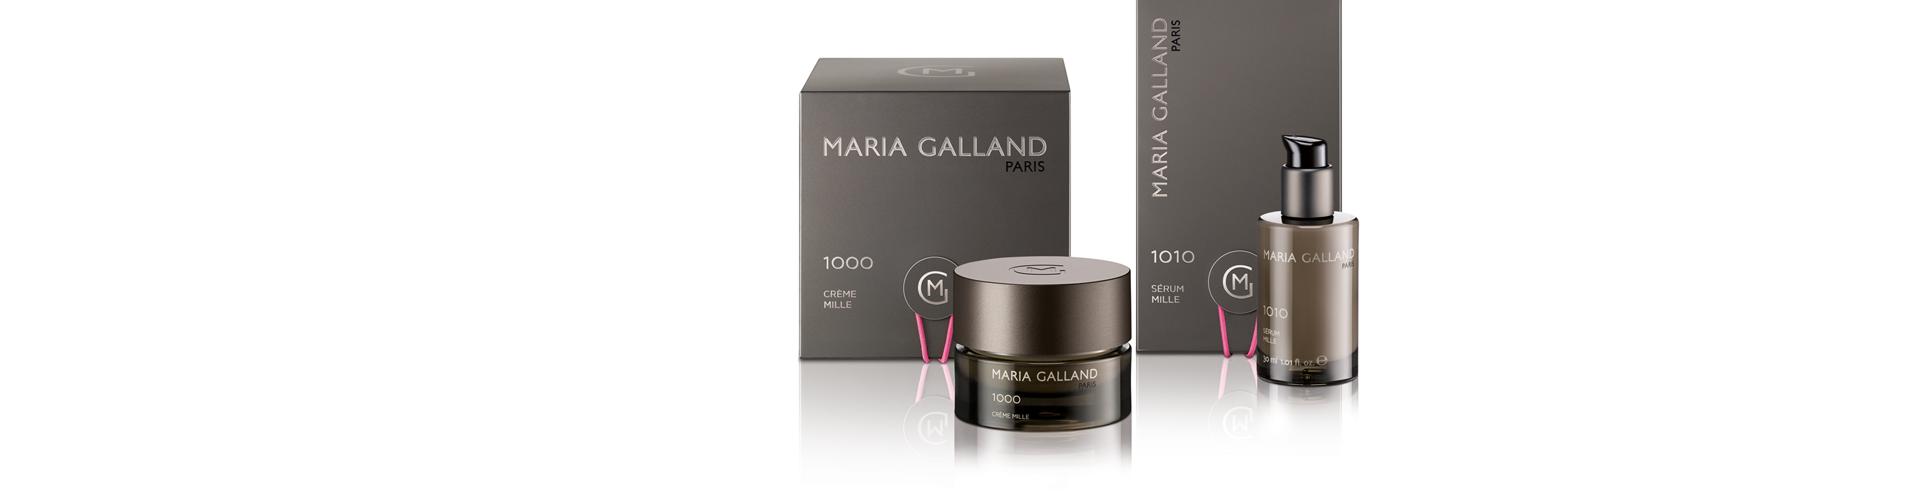 huidverzorging-maria-galland2